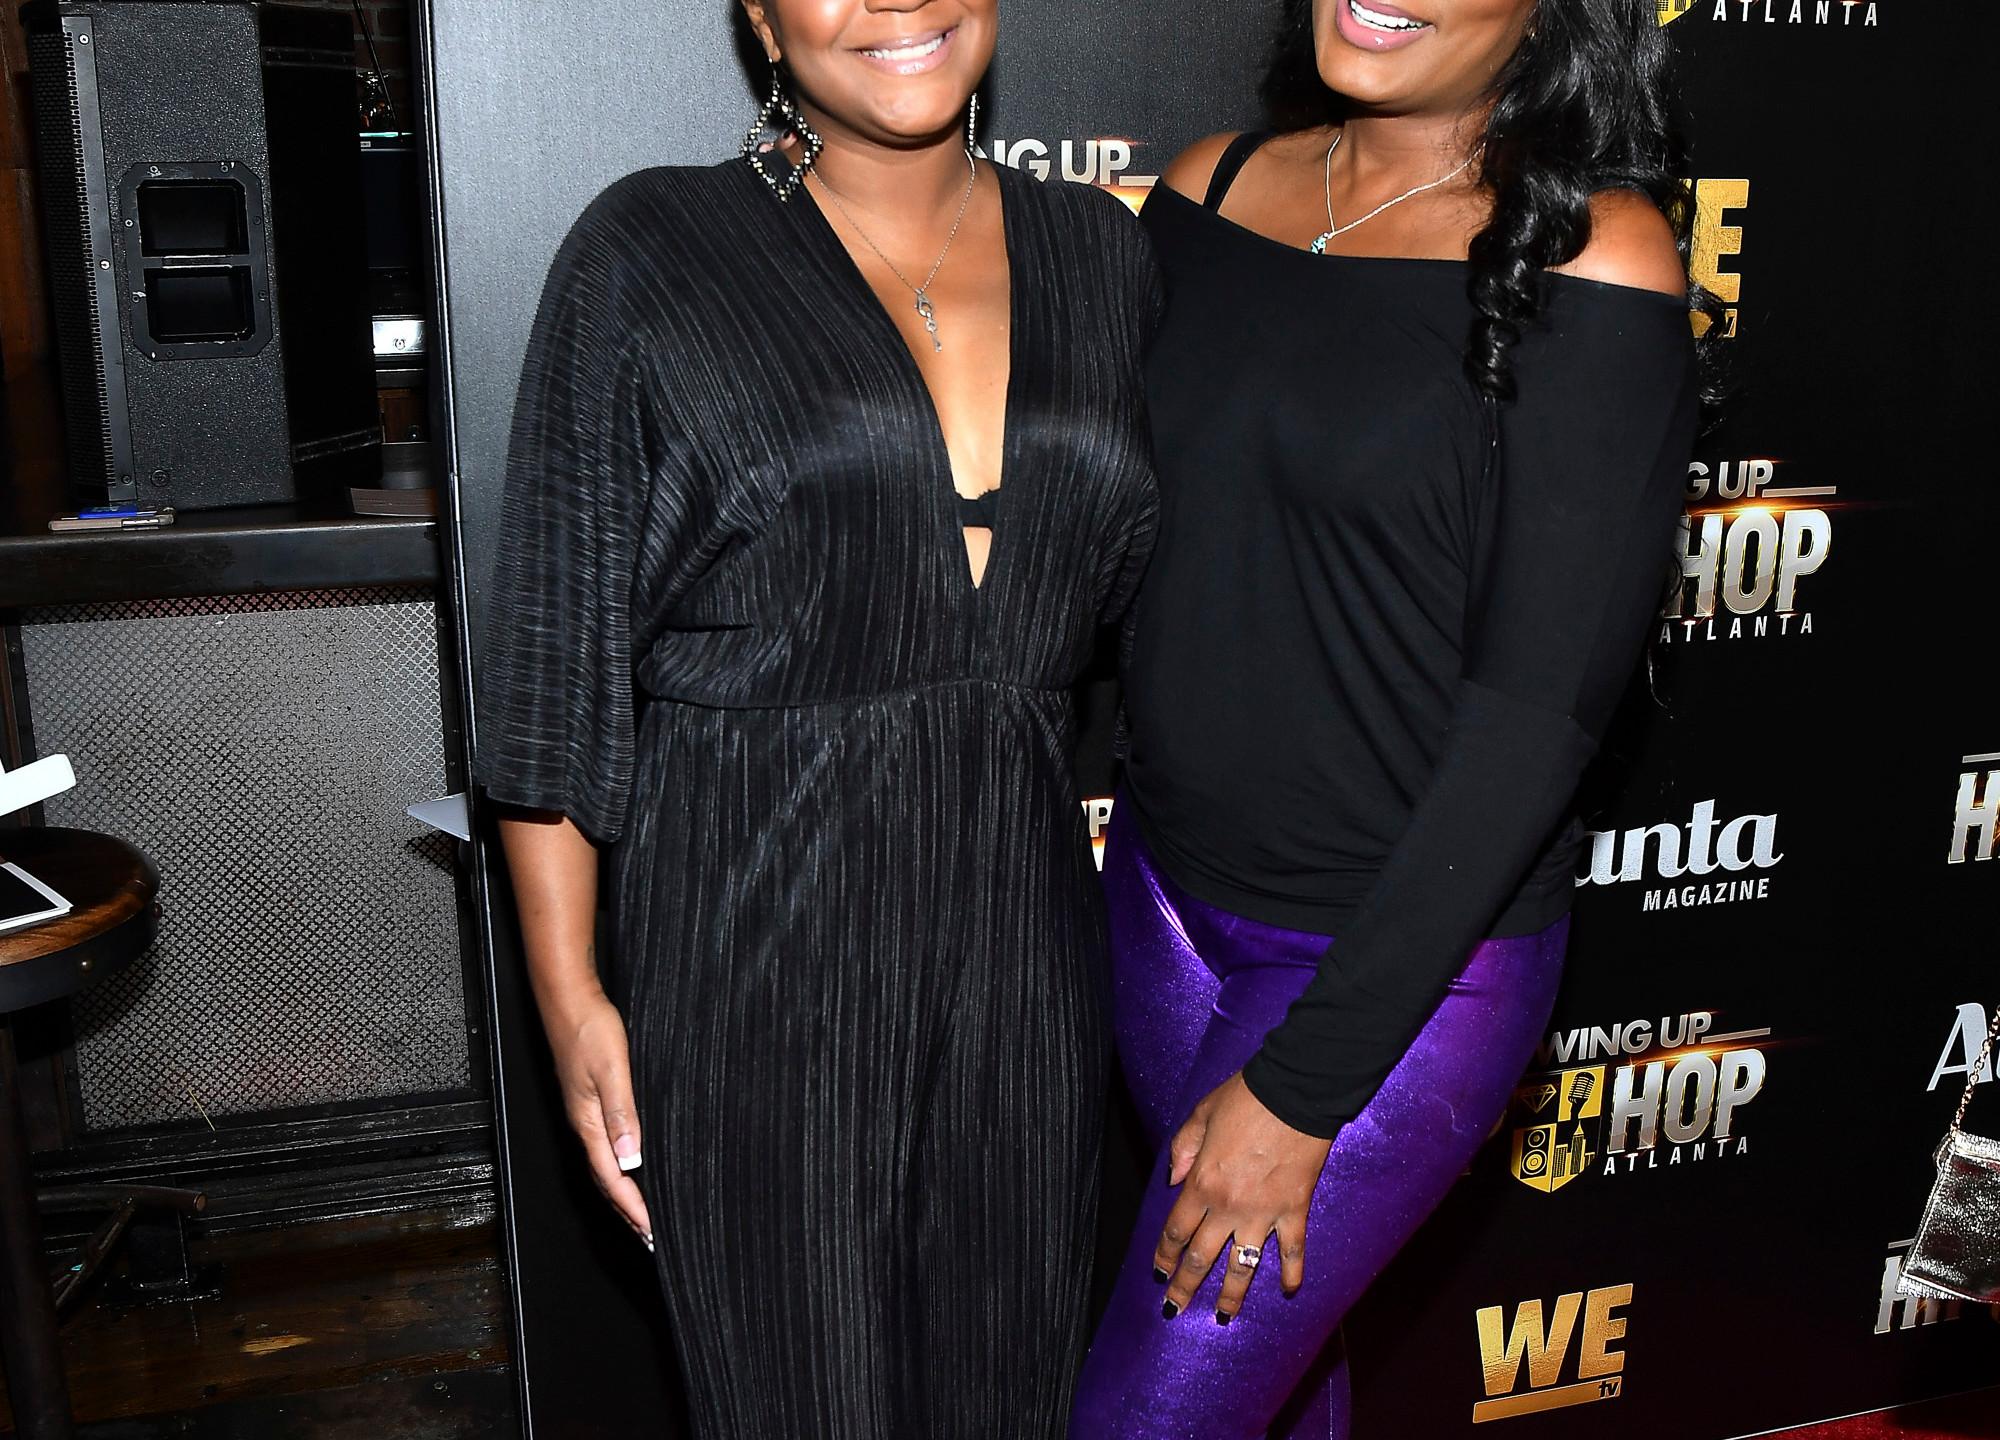 Trina and Towanda Braxton